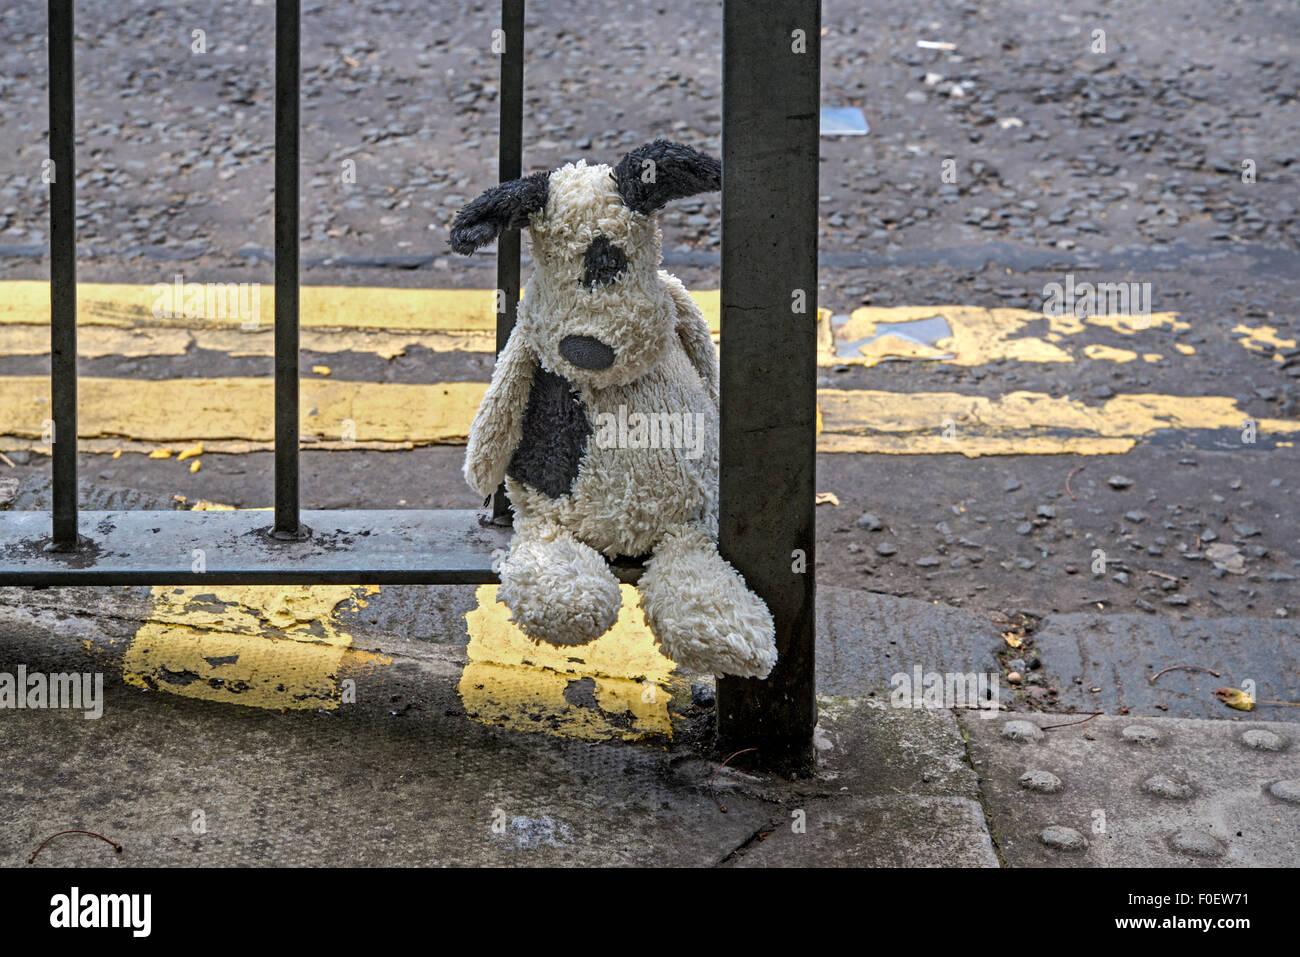 Ein Kind verloren Kuscheltier Hundesitting am Geländer, die darauf warten, gefunden werden. Stockbild